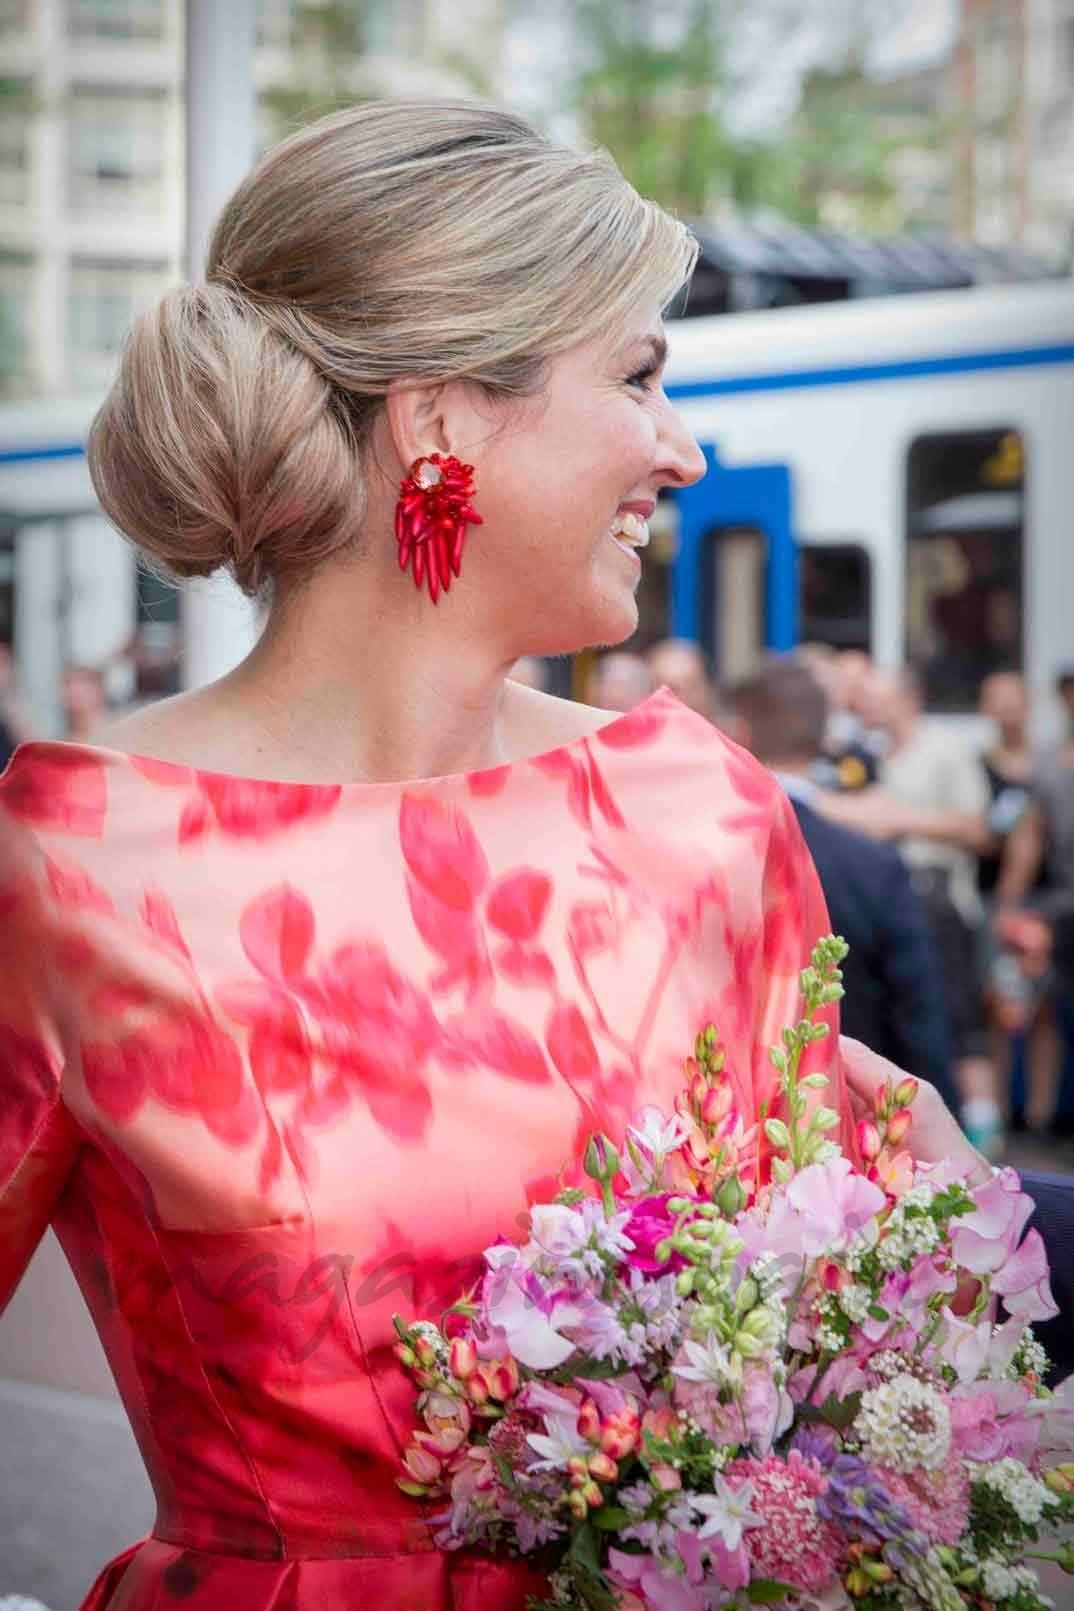 Llega la primavera al traje de la reina Máxima de Holanda ...